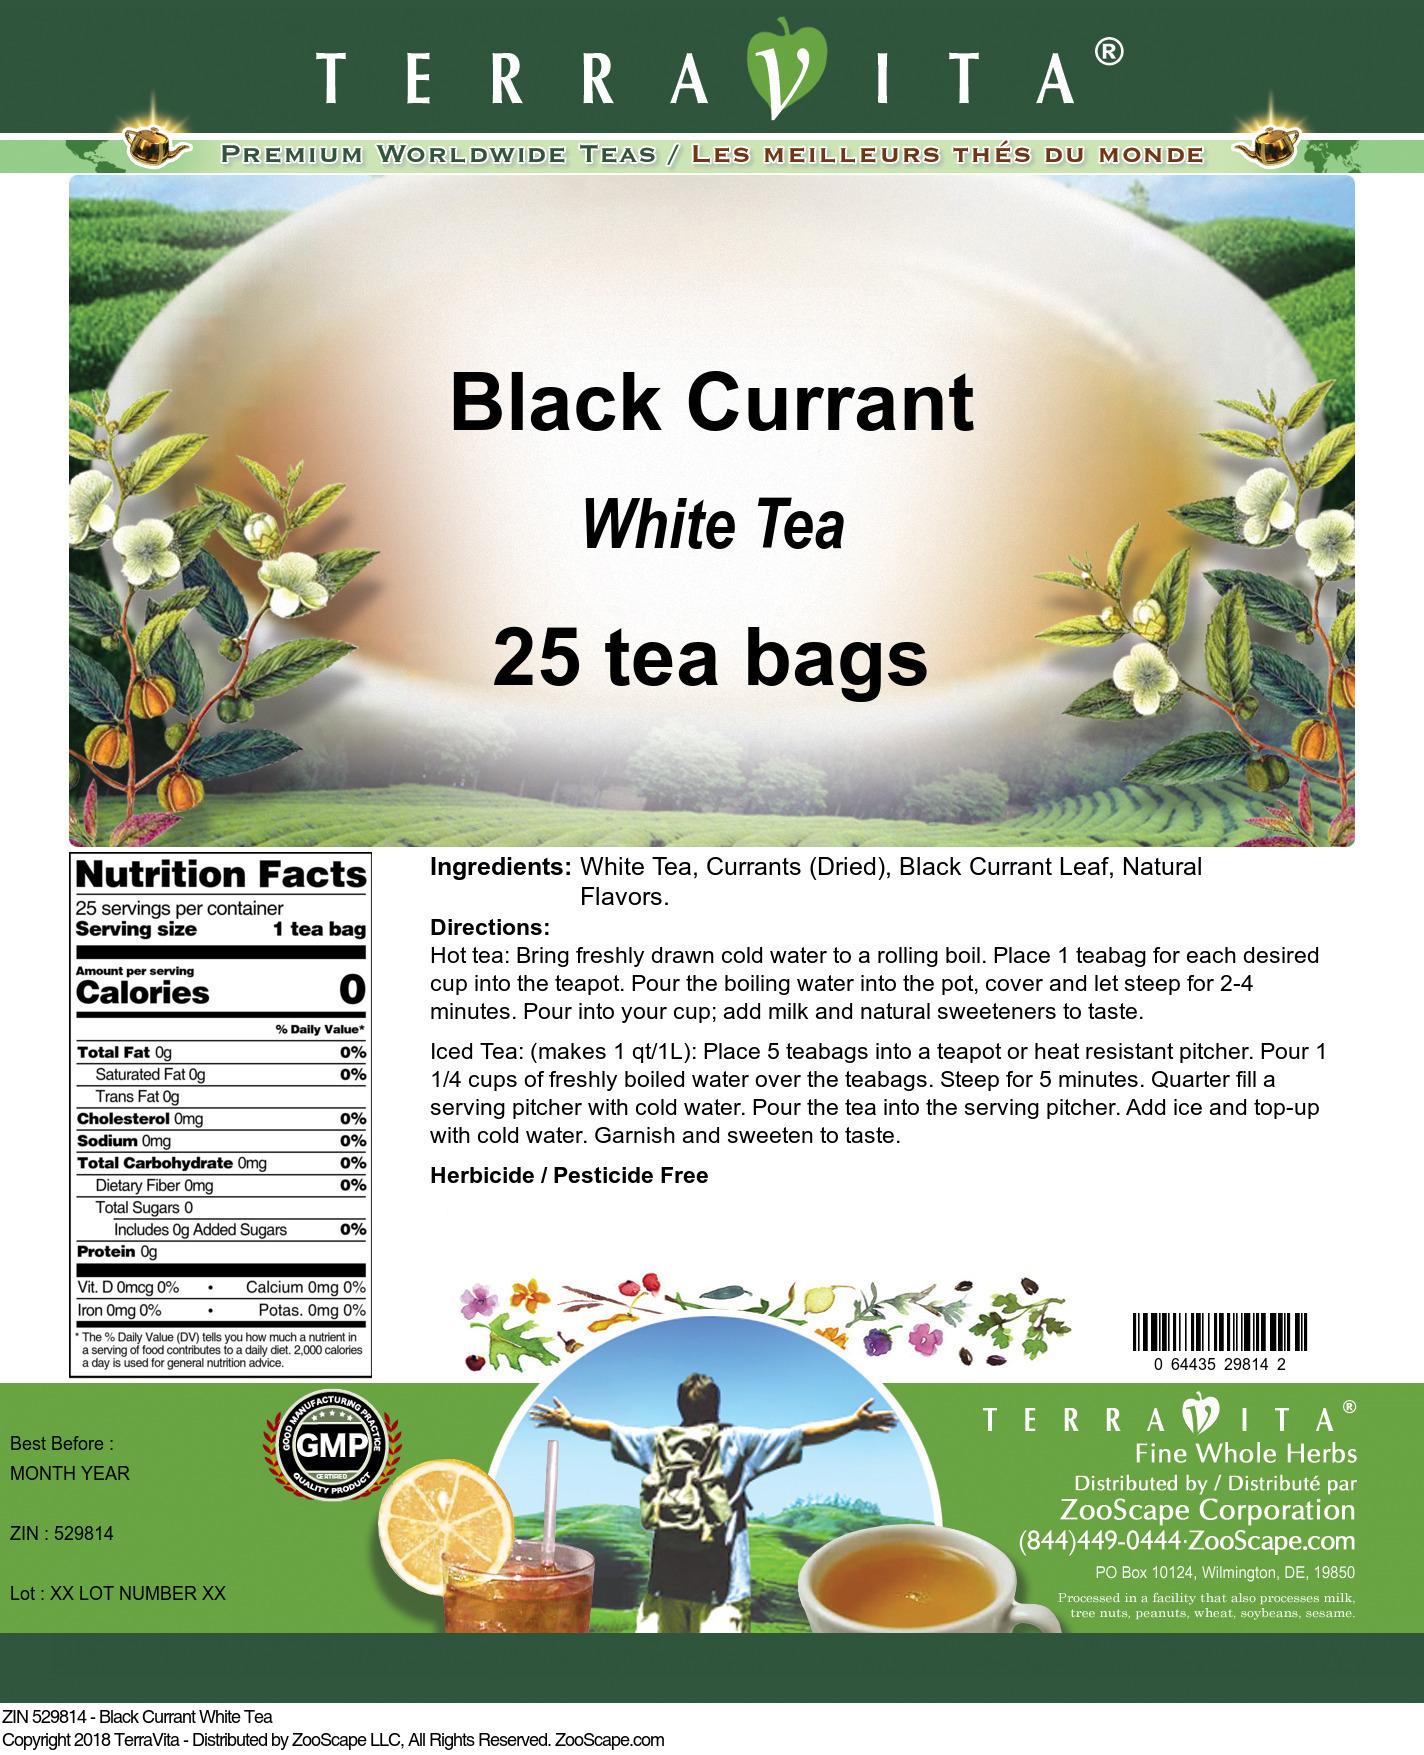 Black Currant White Tea